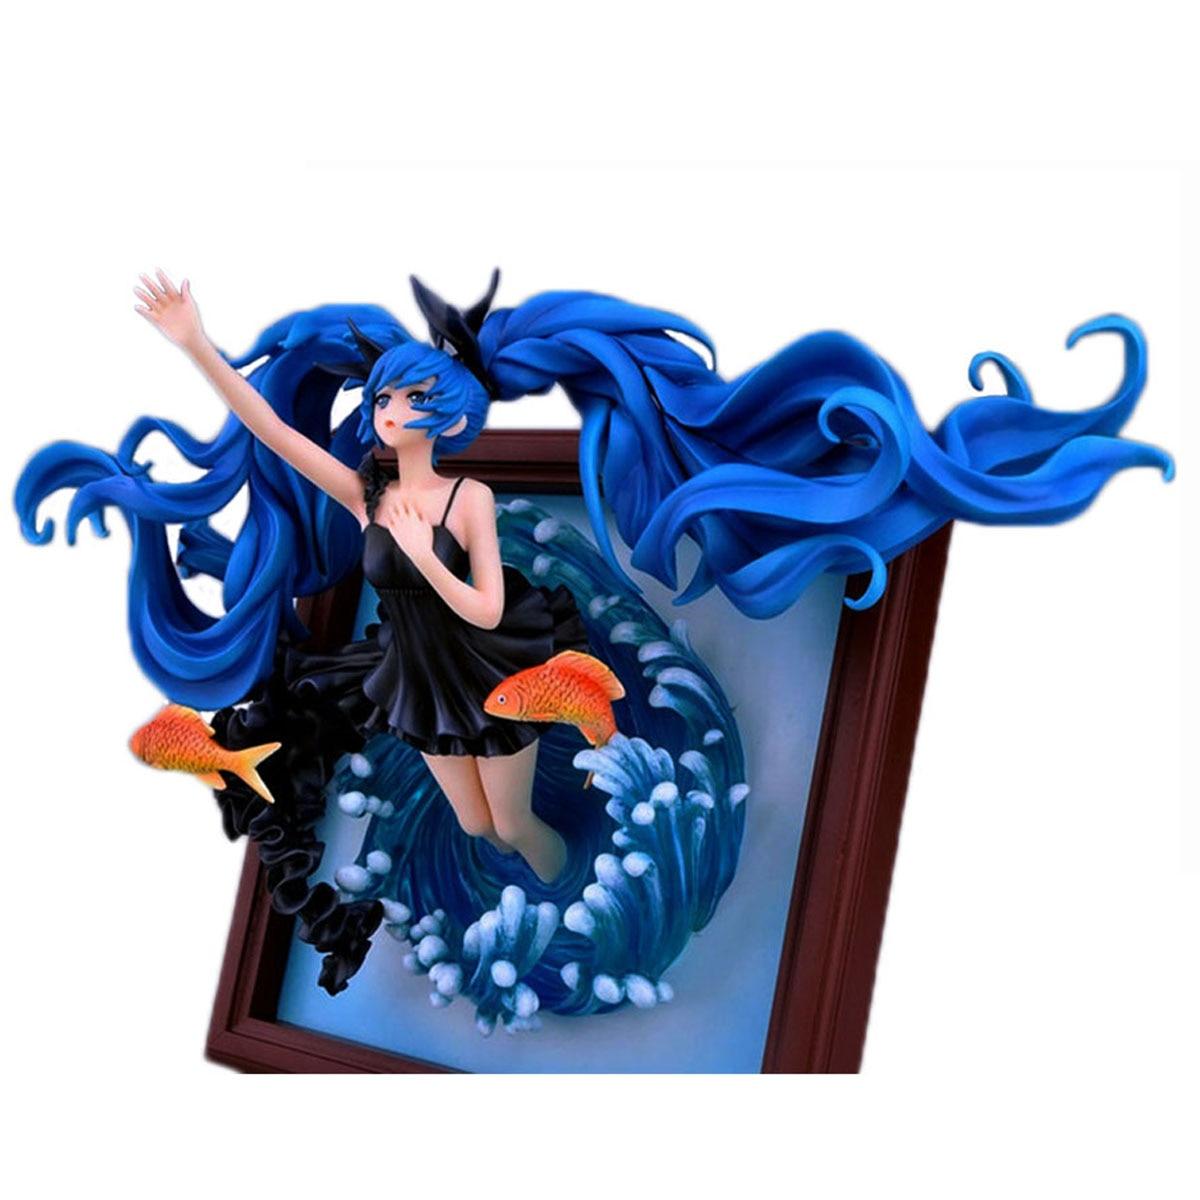 Chanycore Janpan Vocaloid Hatsune Miku Anime Figure cadre Photo mer profonde fille Ver. 1/8 échelle PVC figurine Collection poupée jouet 35 cm